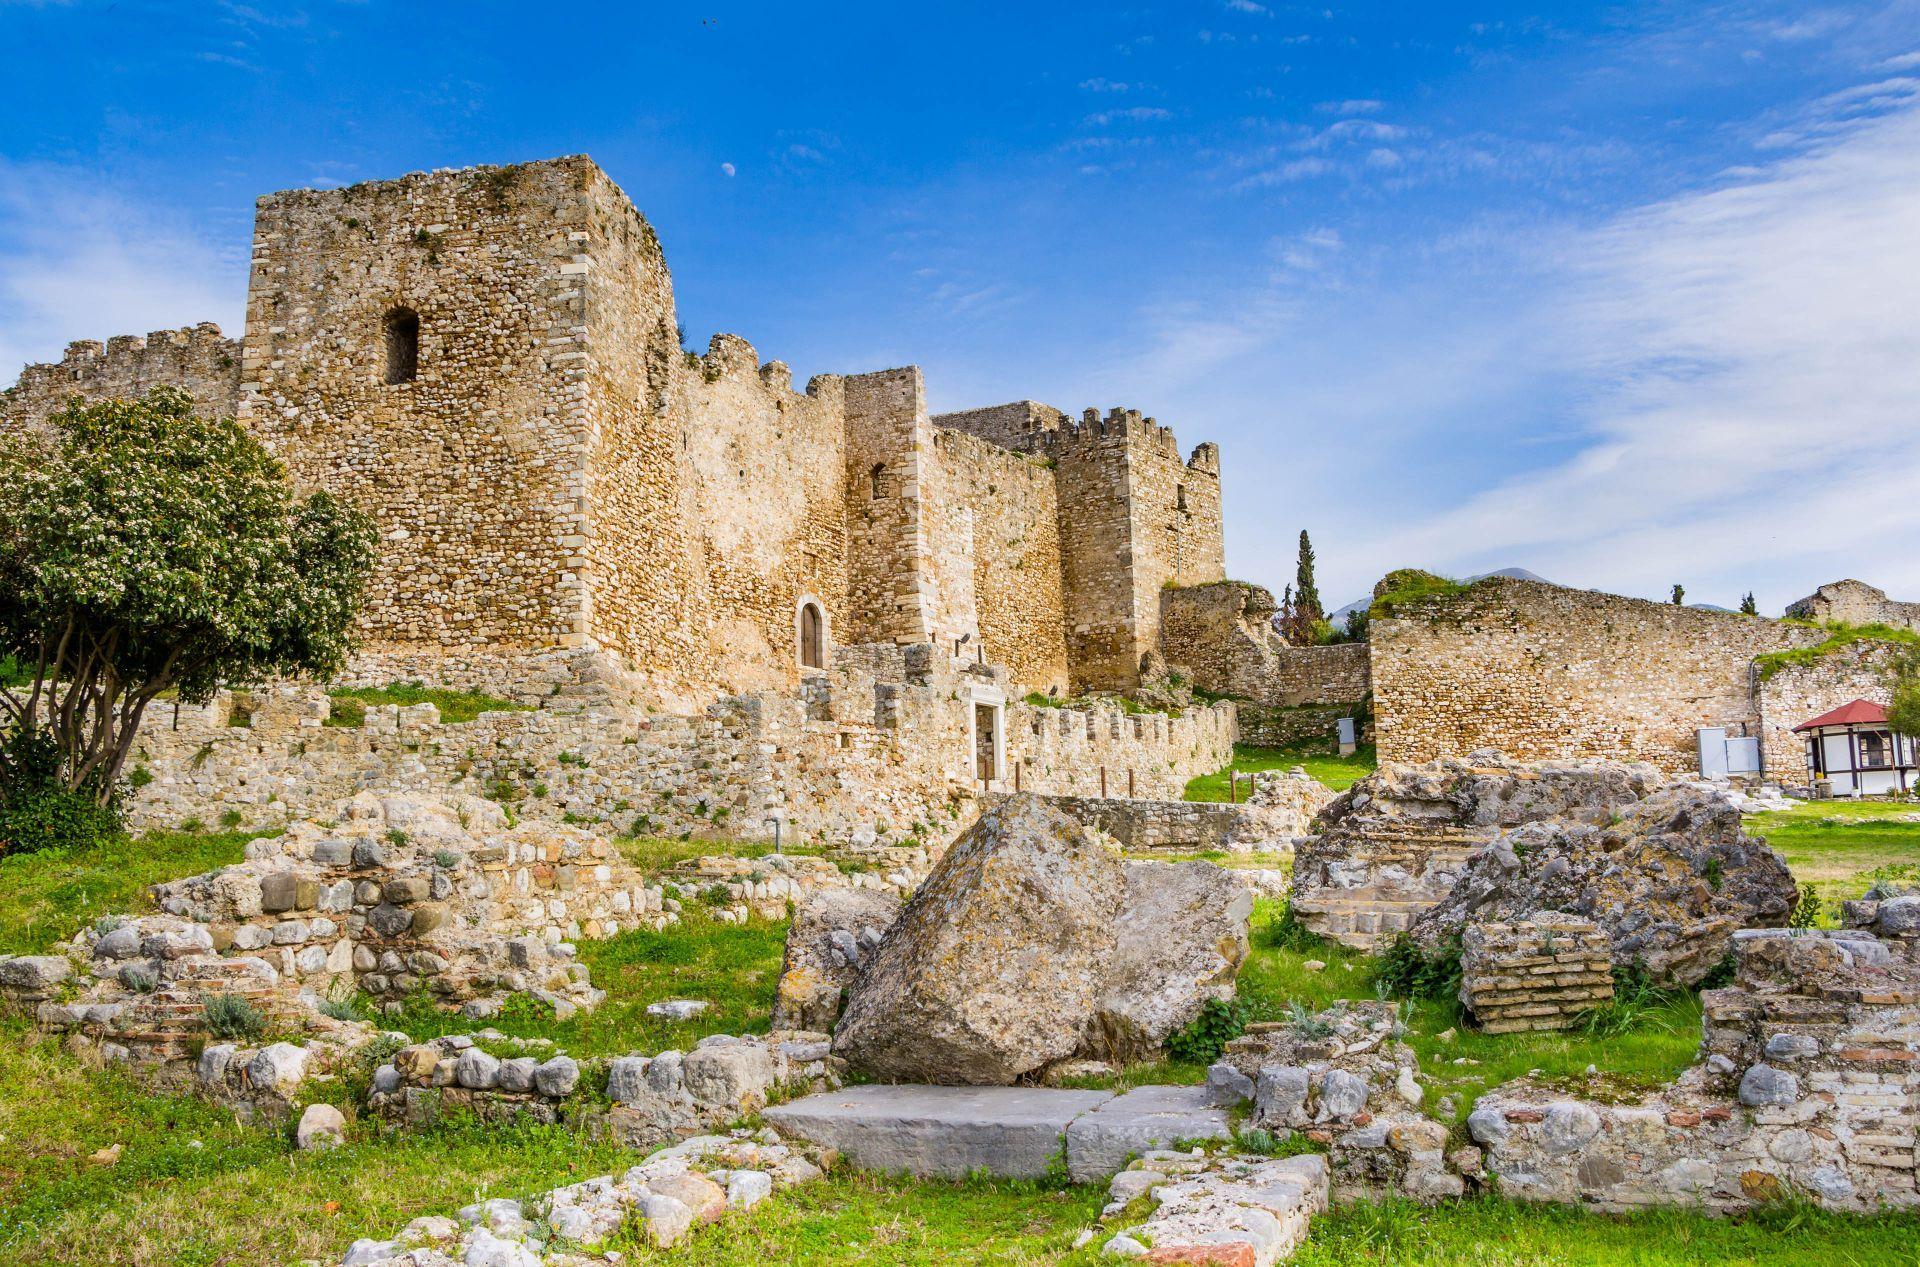 Patra: Medieval castle